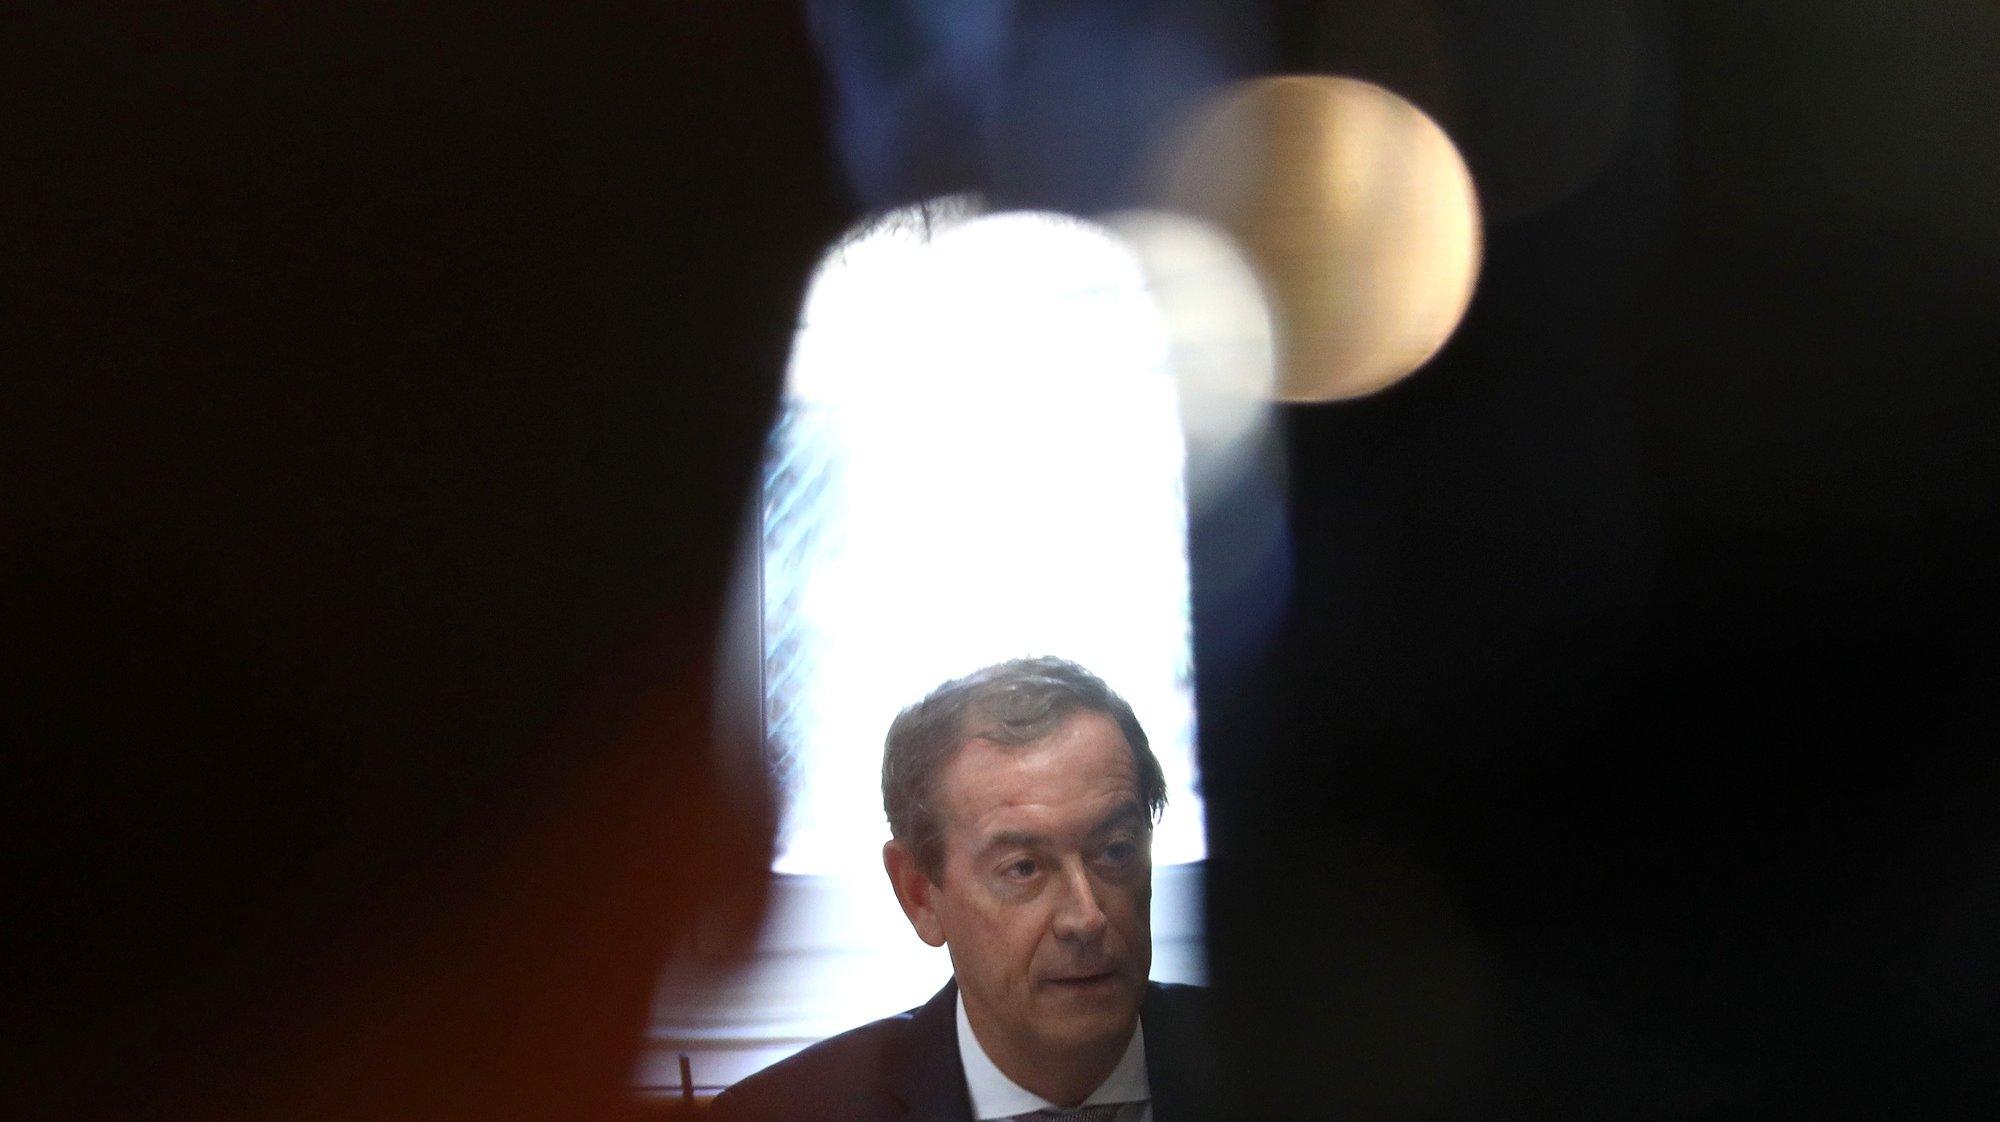 O bastonário da Ordem dos Médicos, Miguel Guimarães, intervém na conferência de imprensa de apresentação do novo indicador de avaliação do estado da pandemia, numa parceria com o Instituto Superior Técnico, em Lisboa, 14 de julho de 2021. ANTÓNIO PEDRO SANTOS/LUSA